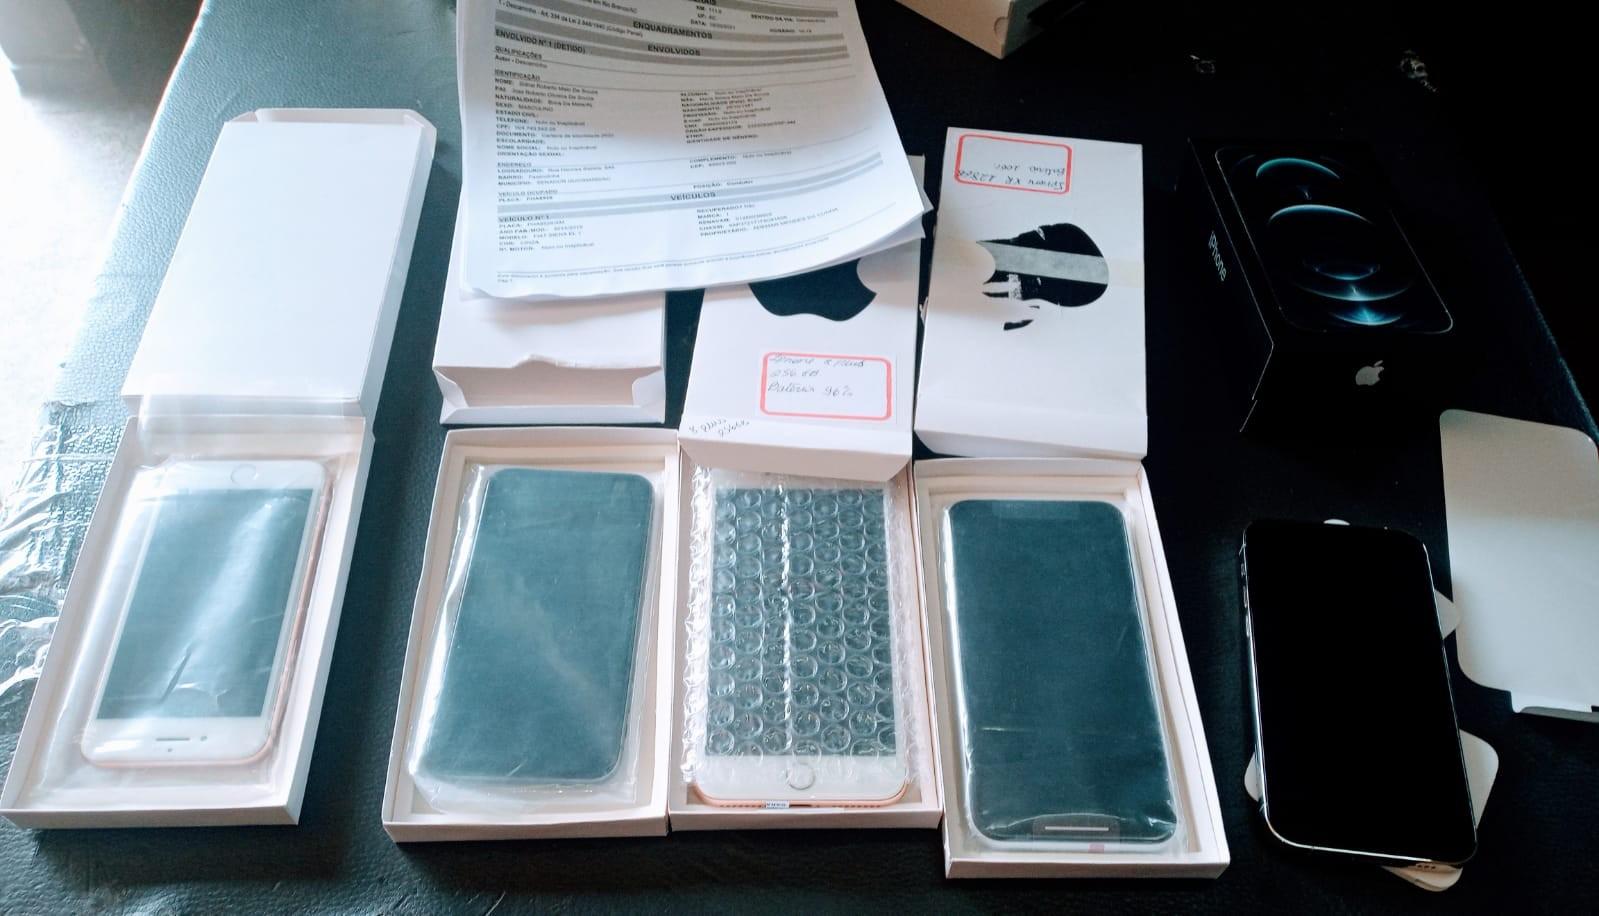 Taxista é detido com cinco aparelhos iPhone sem nota fiscal em rodovia do Acre